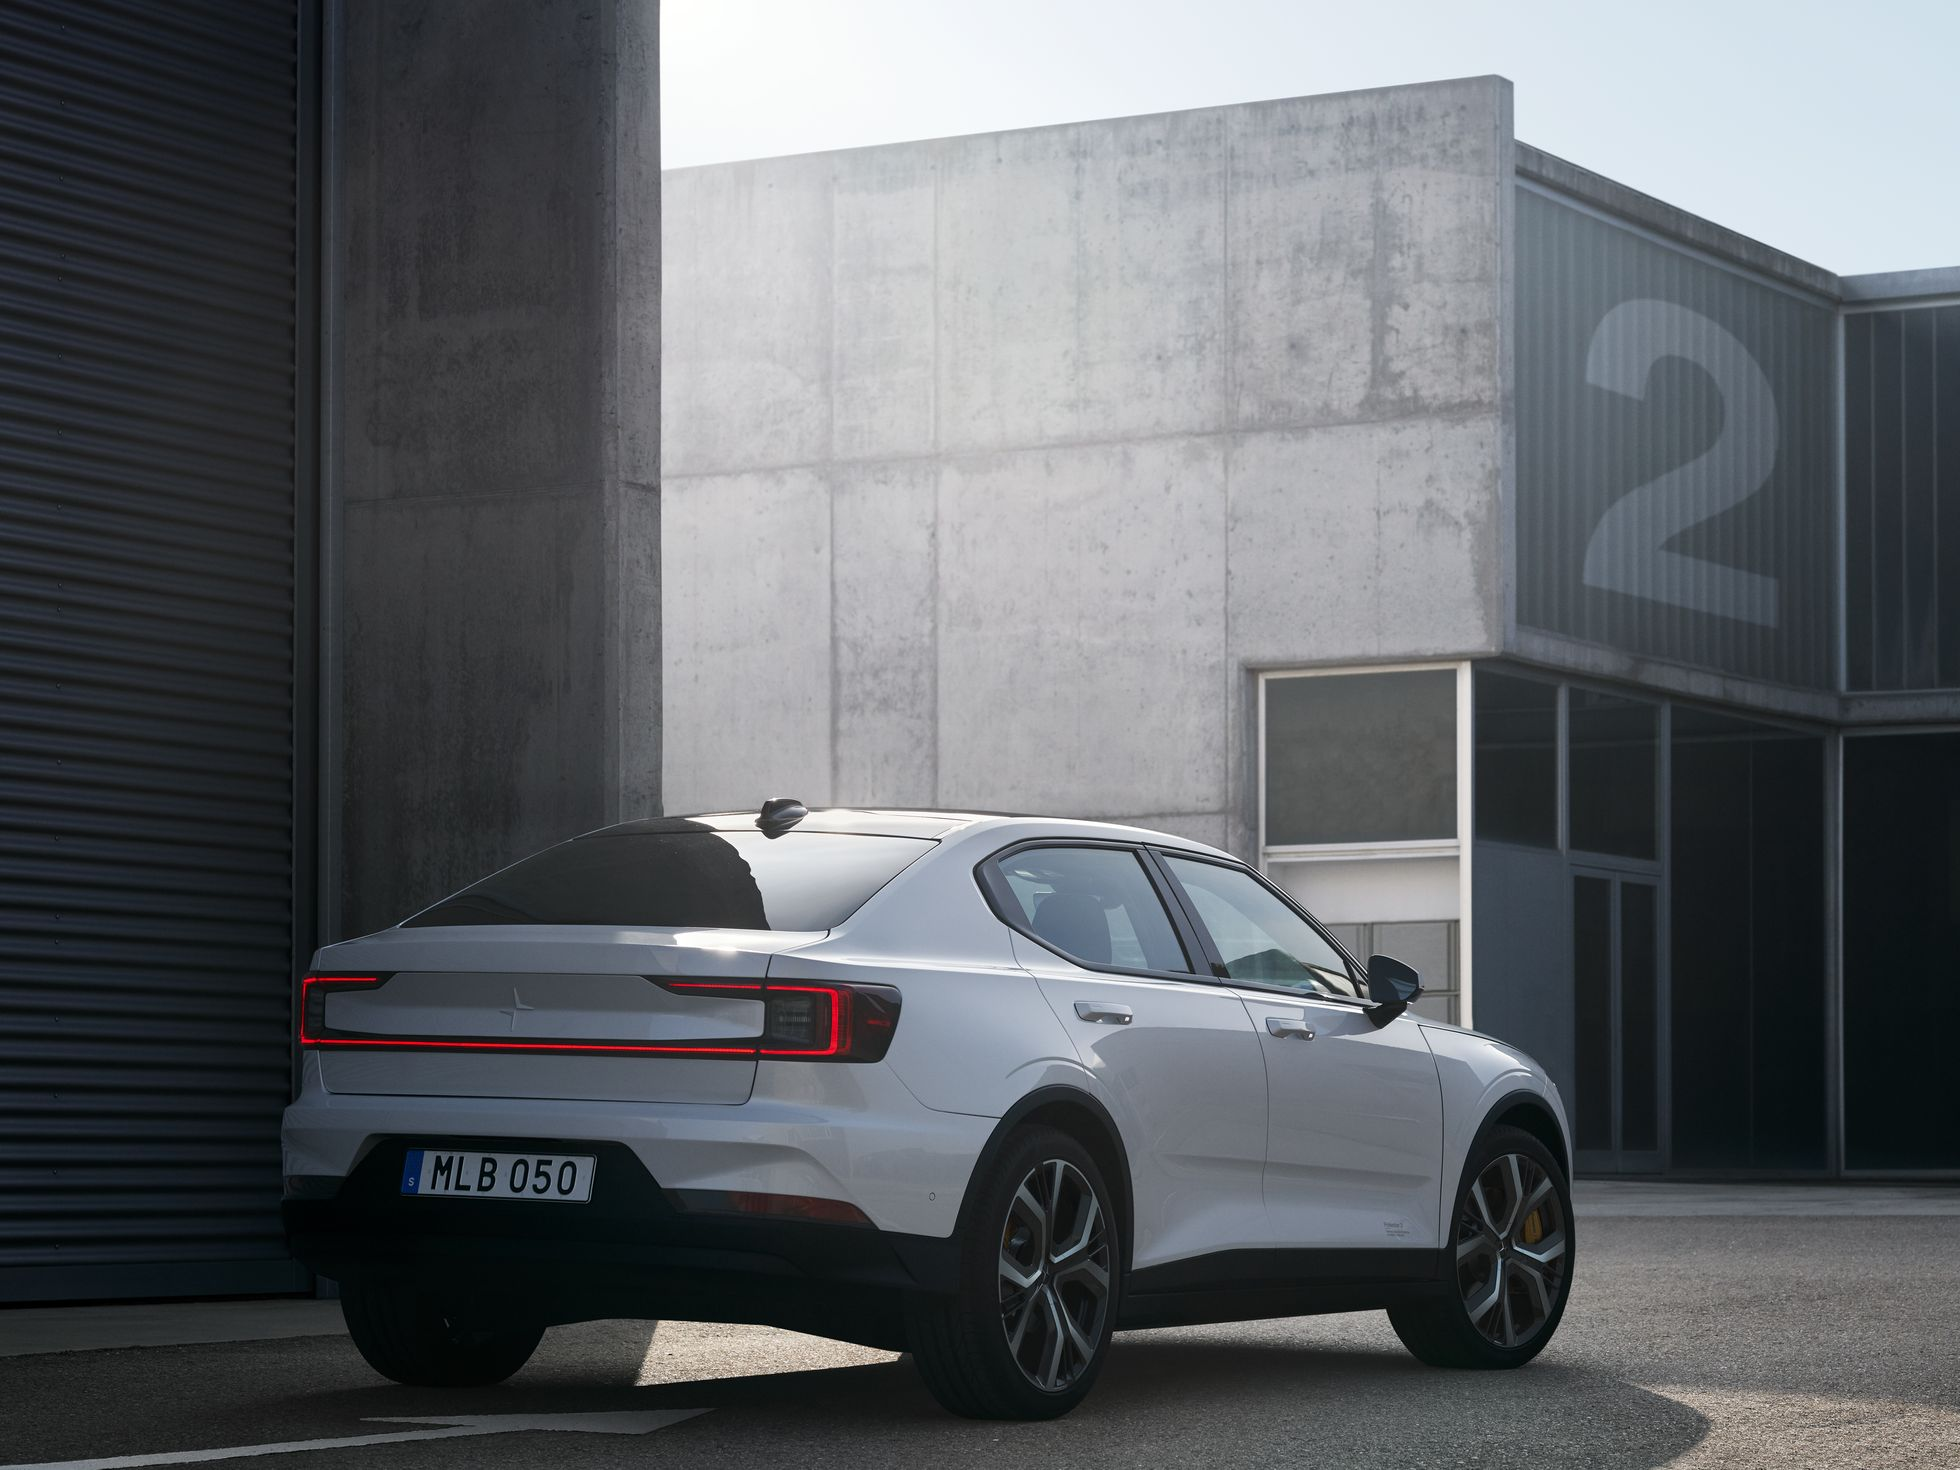 Polestar 2: Erster Elektro-Volvo kostet 40.000 Euro - Volvo will damit Teslas Model 3 Konkurrenz machen. (Bild: Volvo)